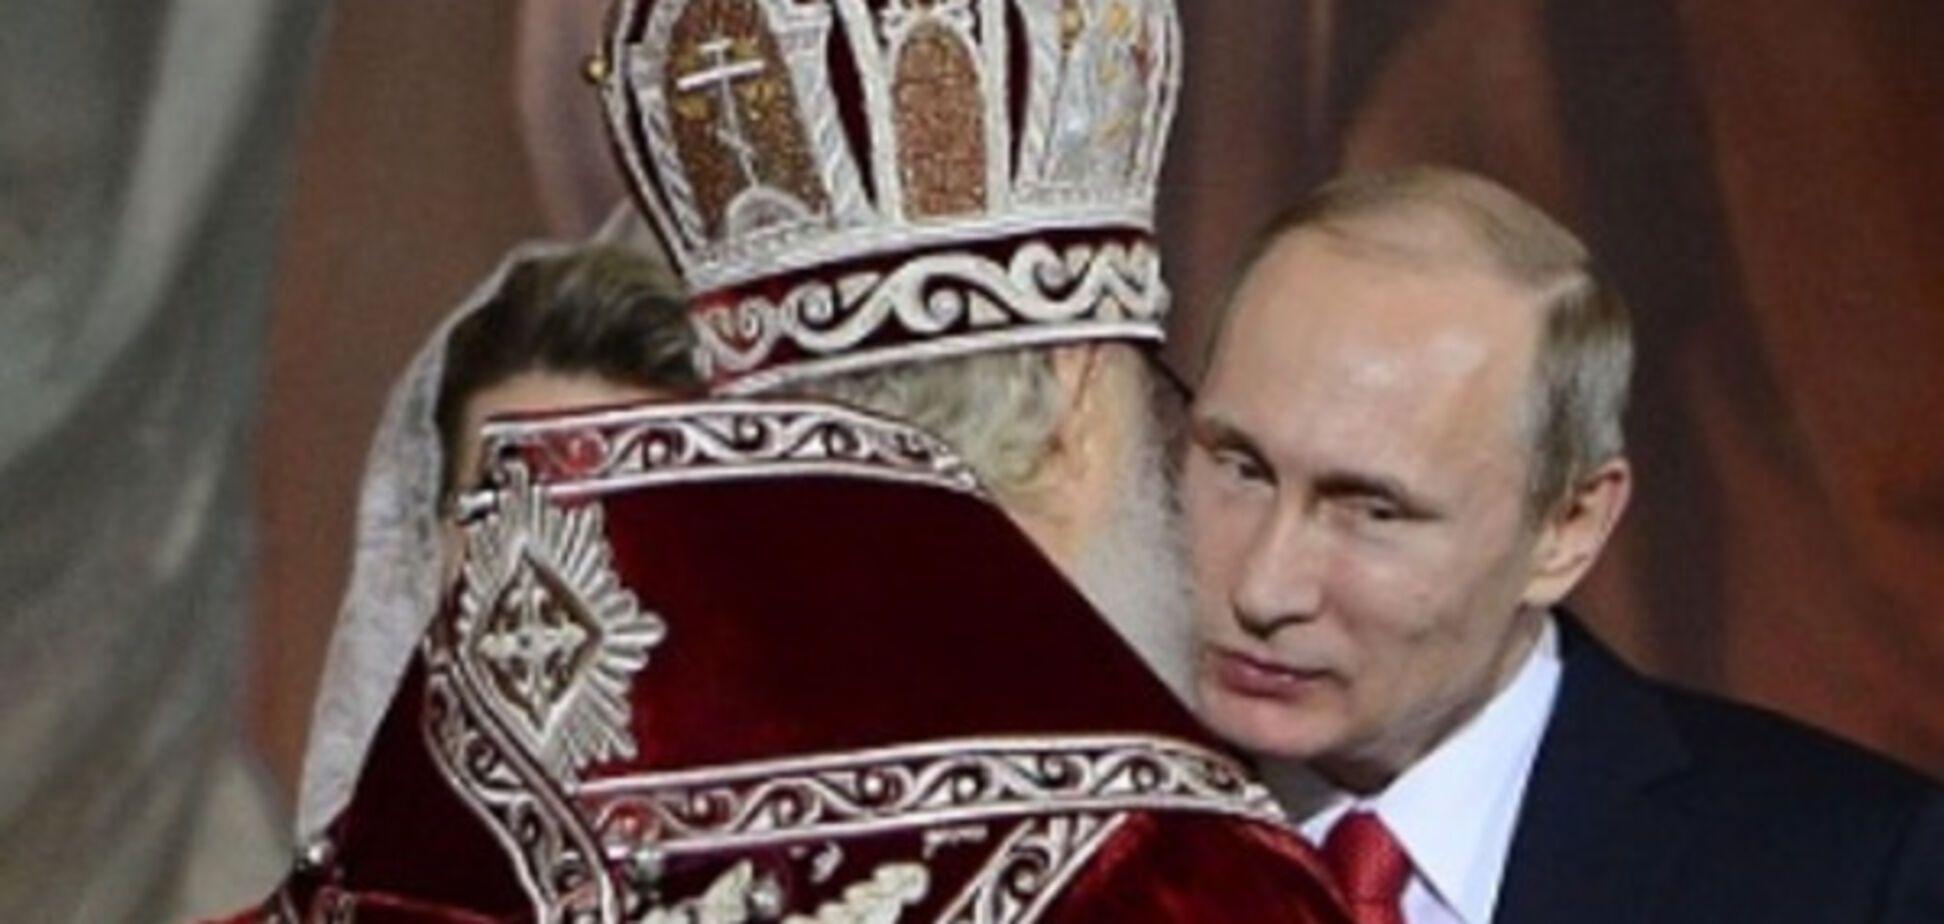 патриарх кирилл путин